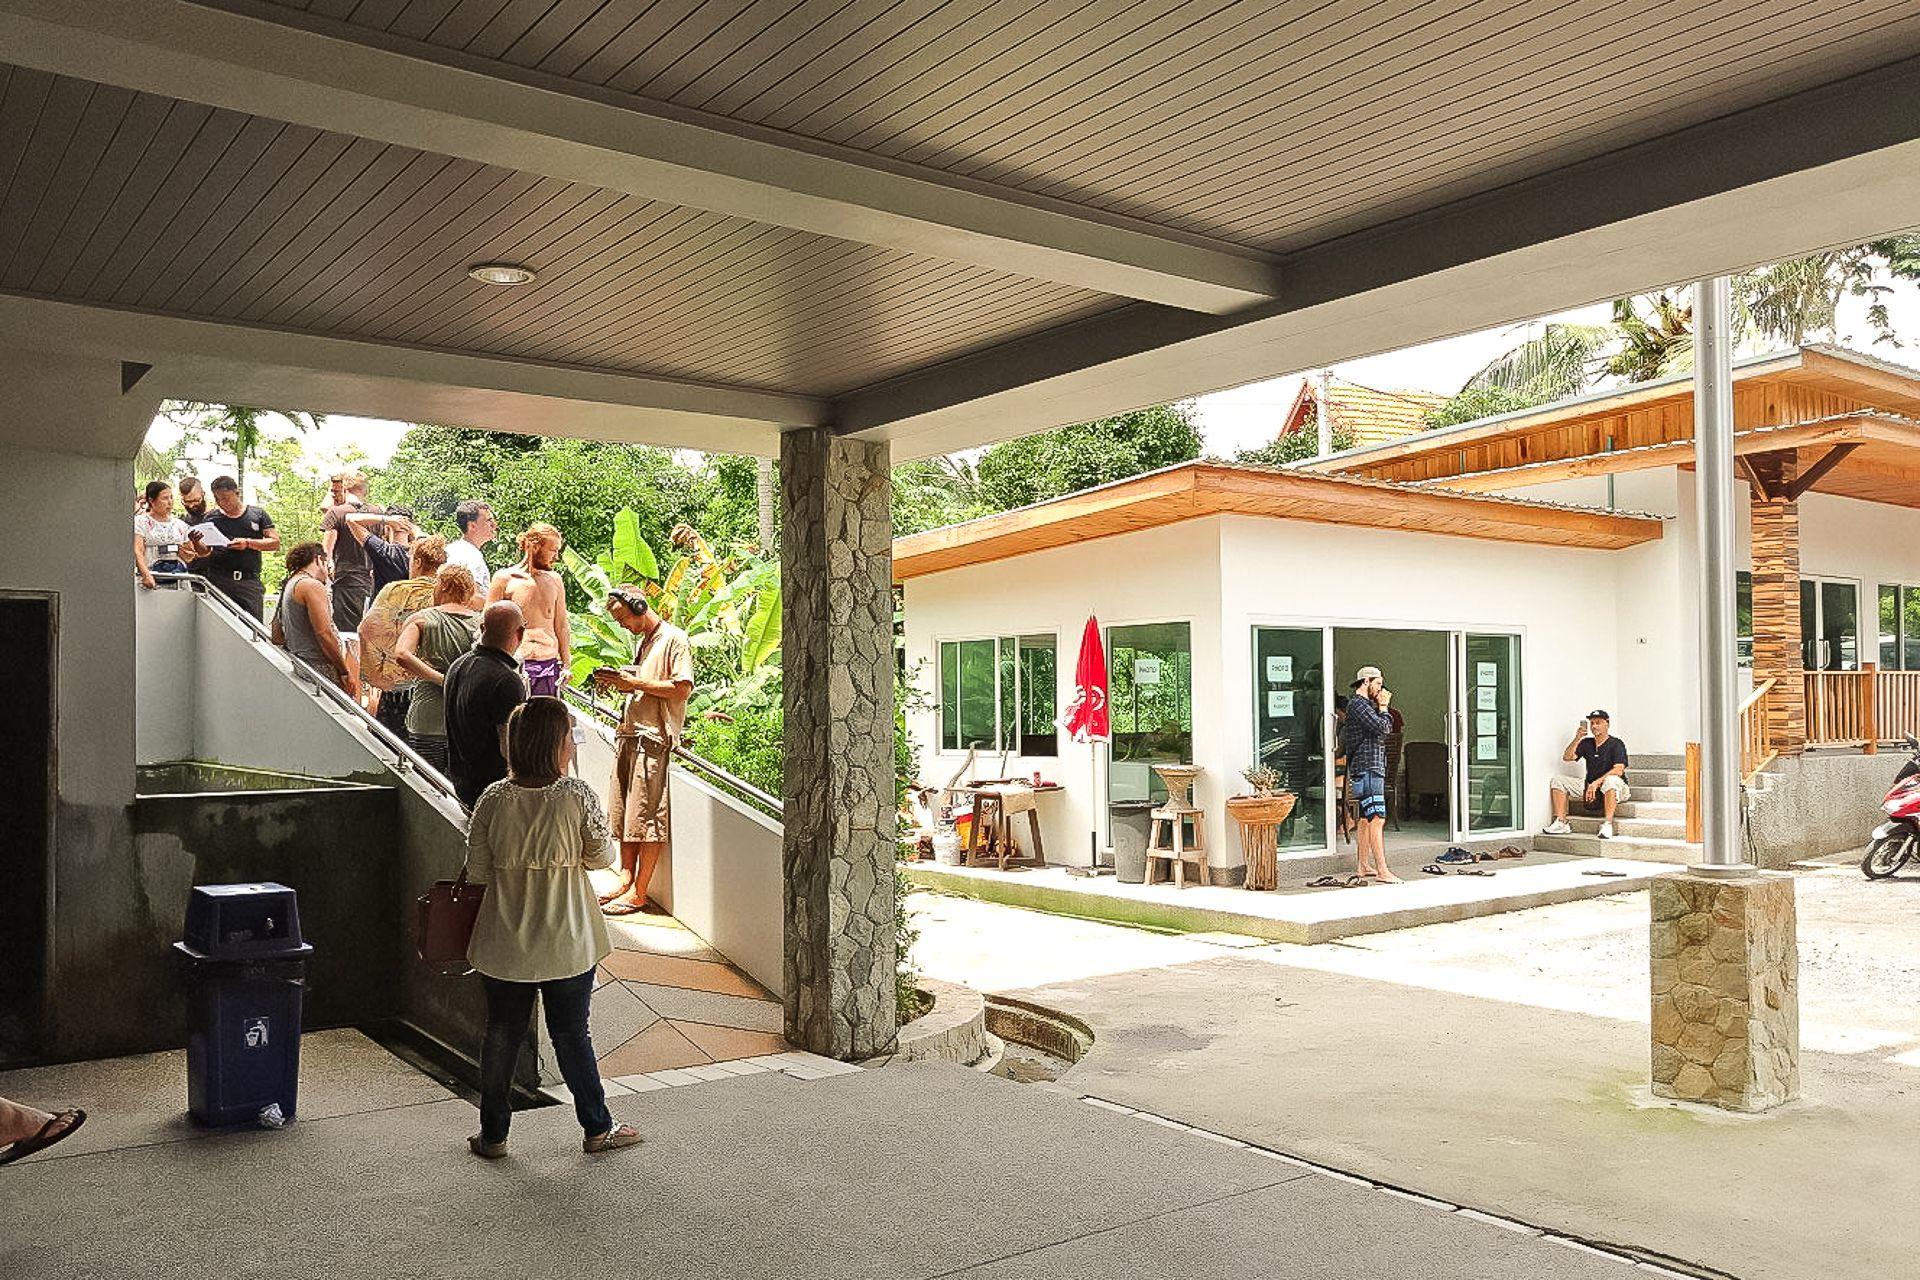 продление тайской визы, иммиграционный офис на Самуи, Таиланд, виза, тайская виза, как продлить визу, immigration office, Samui, visa, Thailand